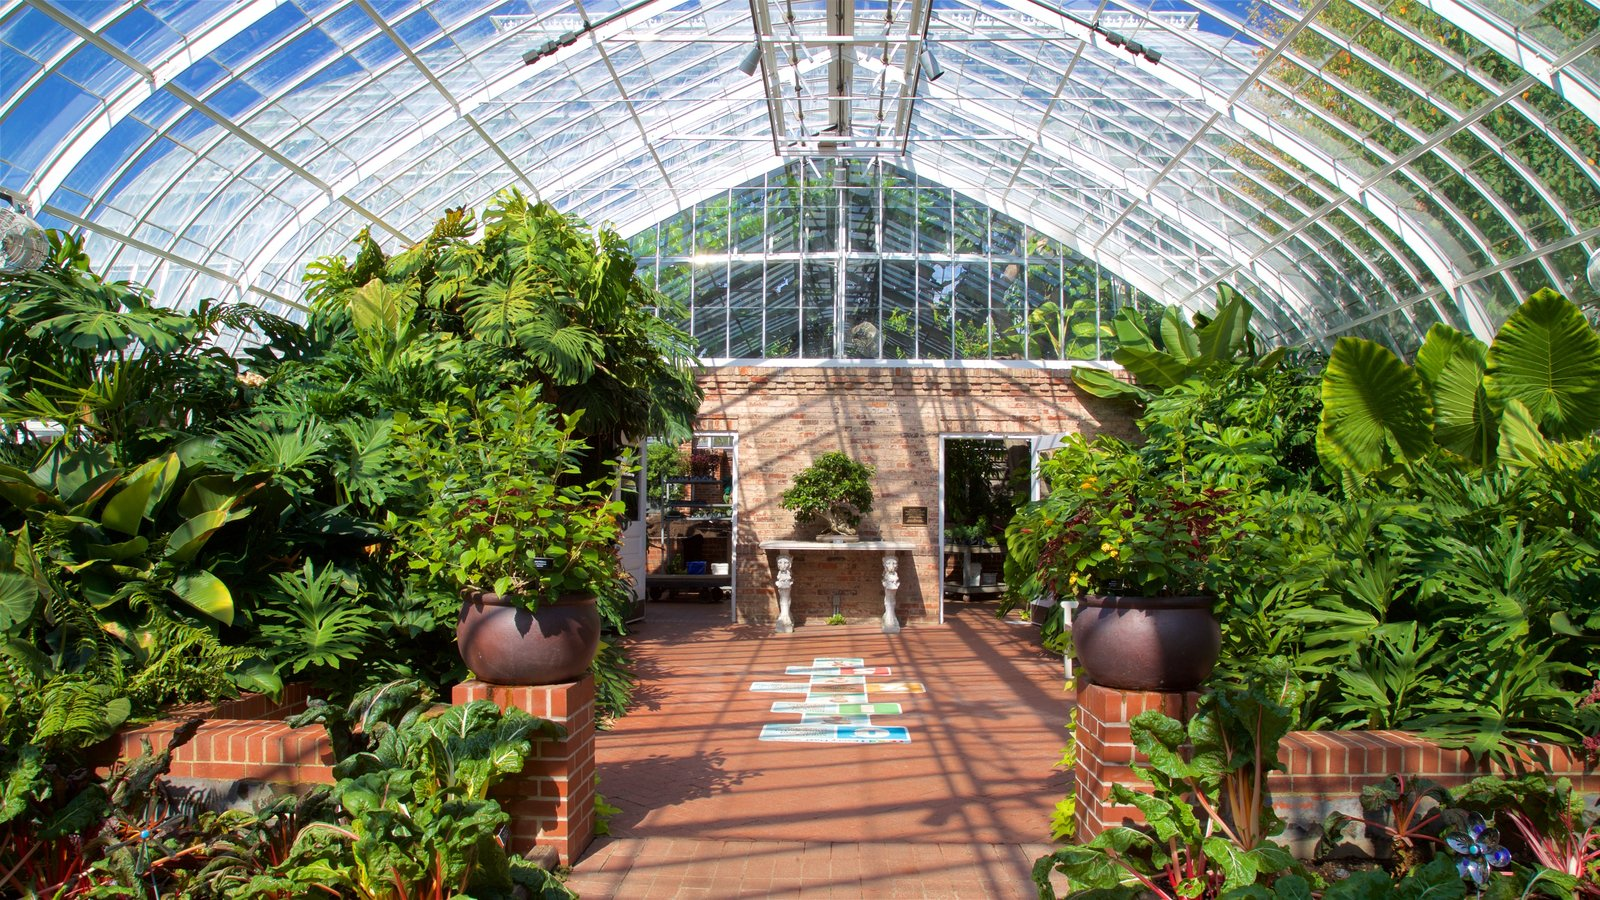 Phipps Conservatory mostrando vistas internas e um jardim